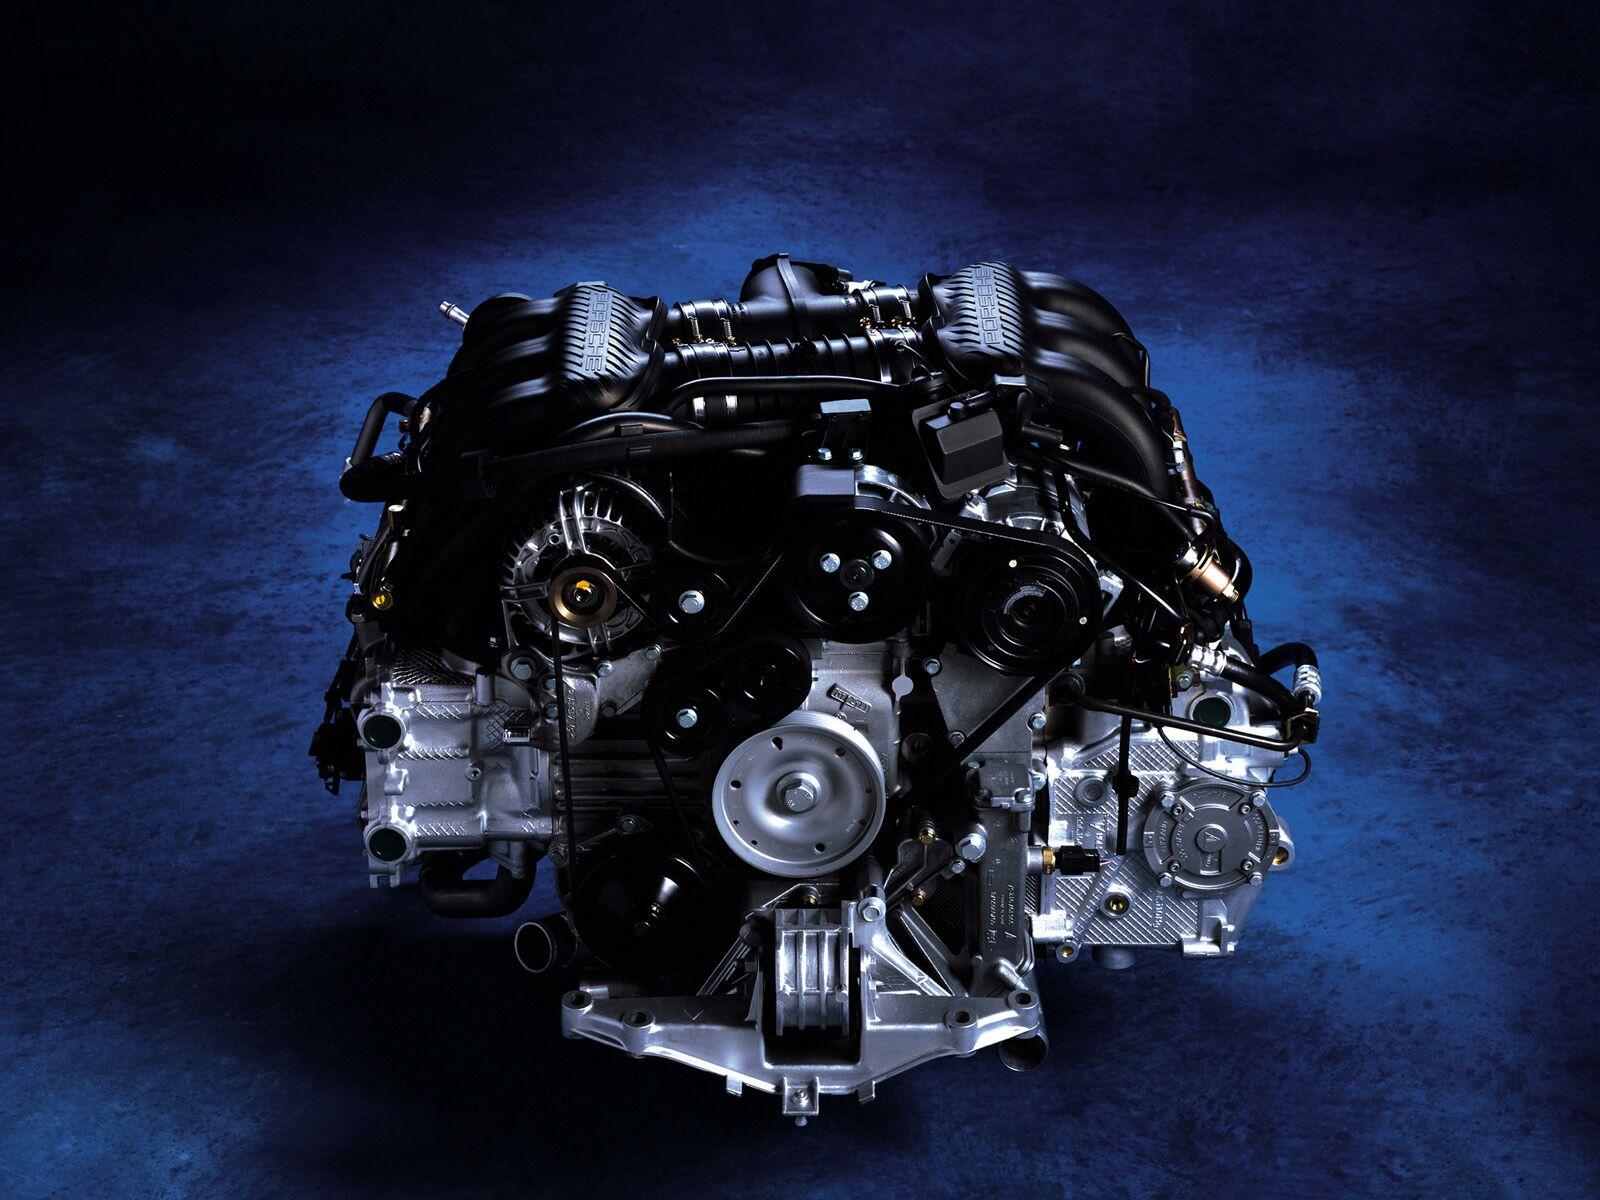 Engine porsche m96 01 j wallpaper 1600x1200 132041 wallpaperup - Porsche engine wallpaper ...